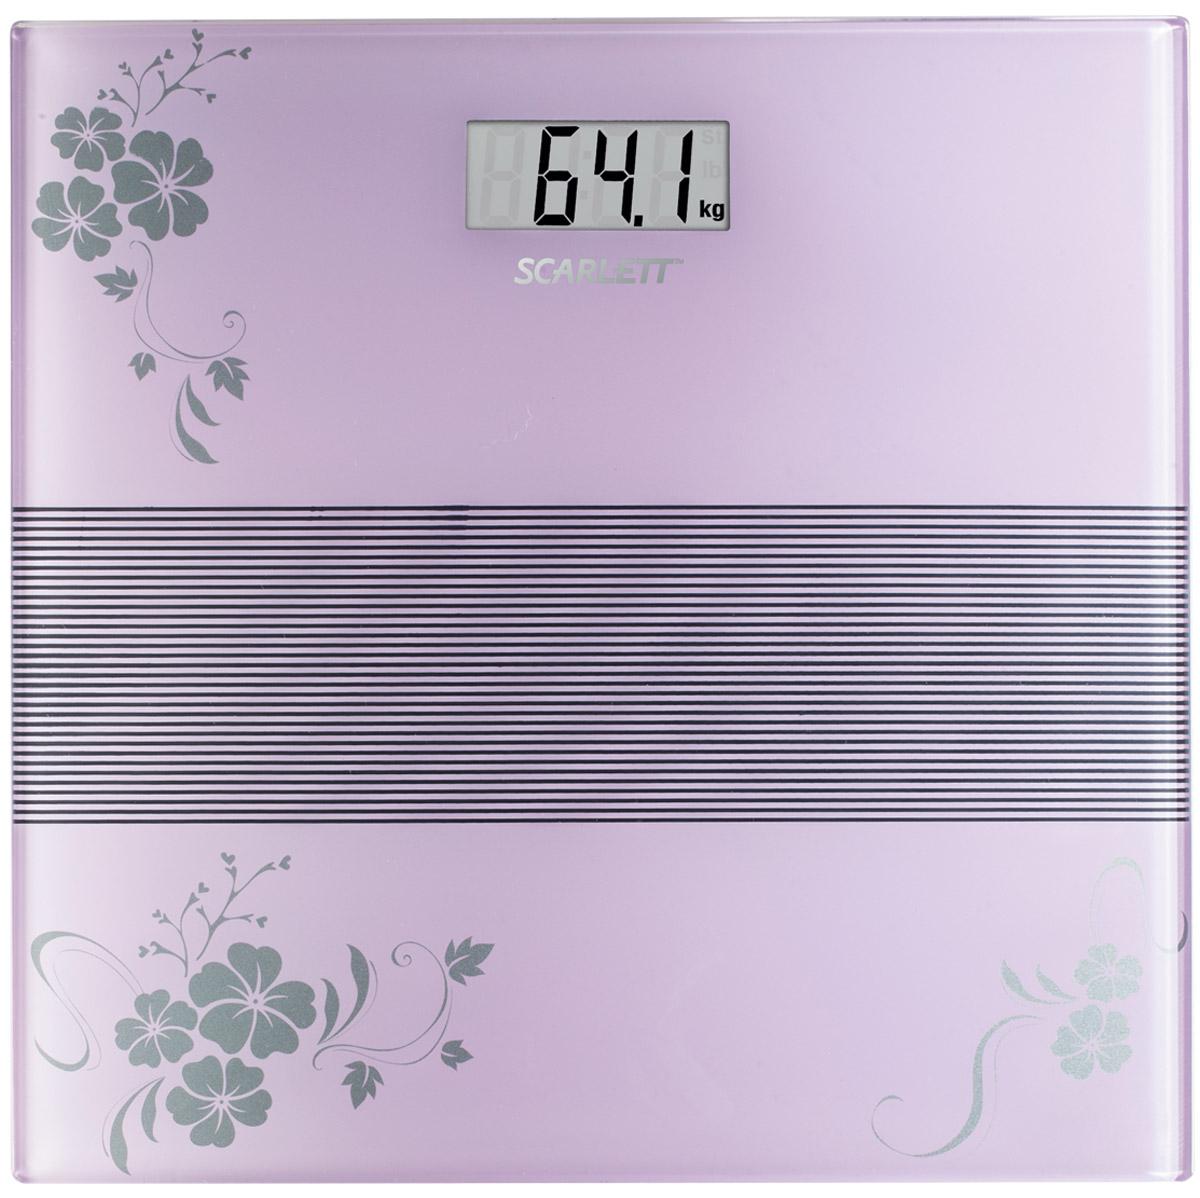 Scarlett SC-BS33E060, Violet весы напольные электронныеSC-BS33E060Напольные весы Scarlett SC-BS33E060 изготовлены из ударопрочного стекла и оформлены в сдержанном стиле. Весы имеют стандартную точность измерения, равную 100 грамм. Устройство измеряет массу тела в килограммах и работает от батарейки типа CR2032 (1 шт). Электронный дисплей отображает большие цифры, которые можно будет увидеть с высоты человеческого роста. Также данная модель имеет прорезиненные ножки, для большей устойчивости.